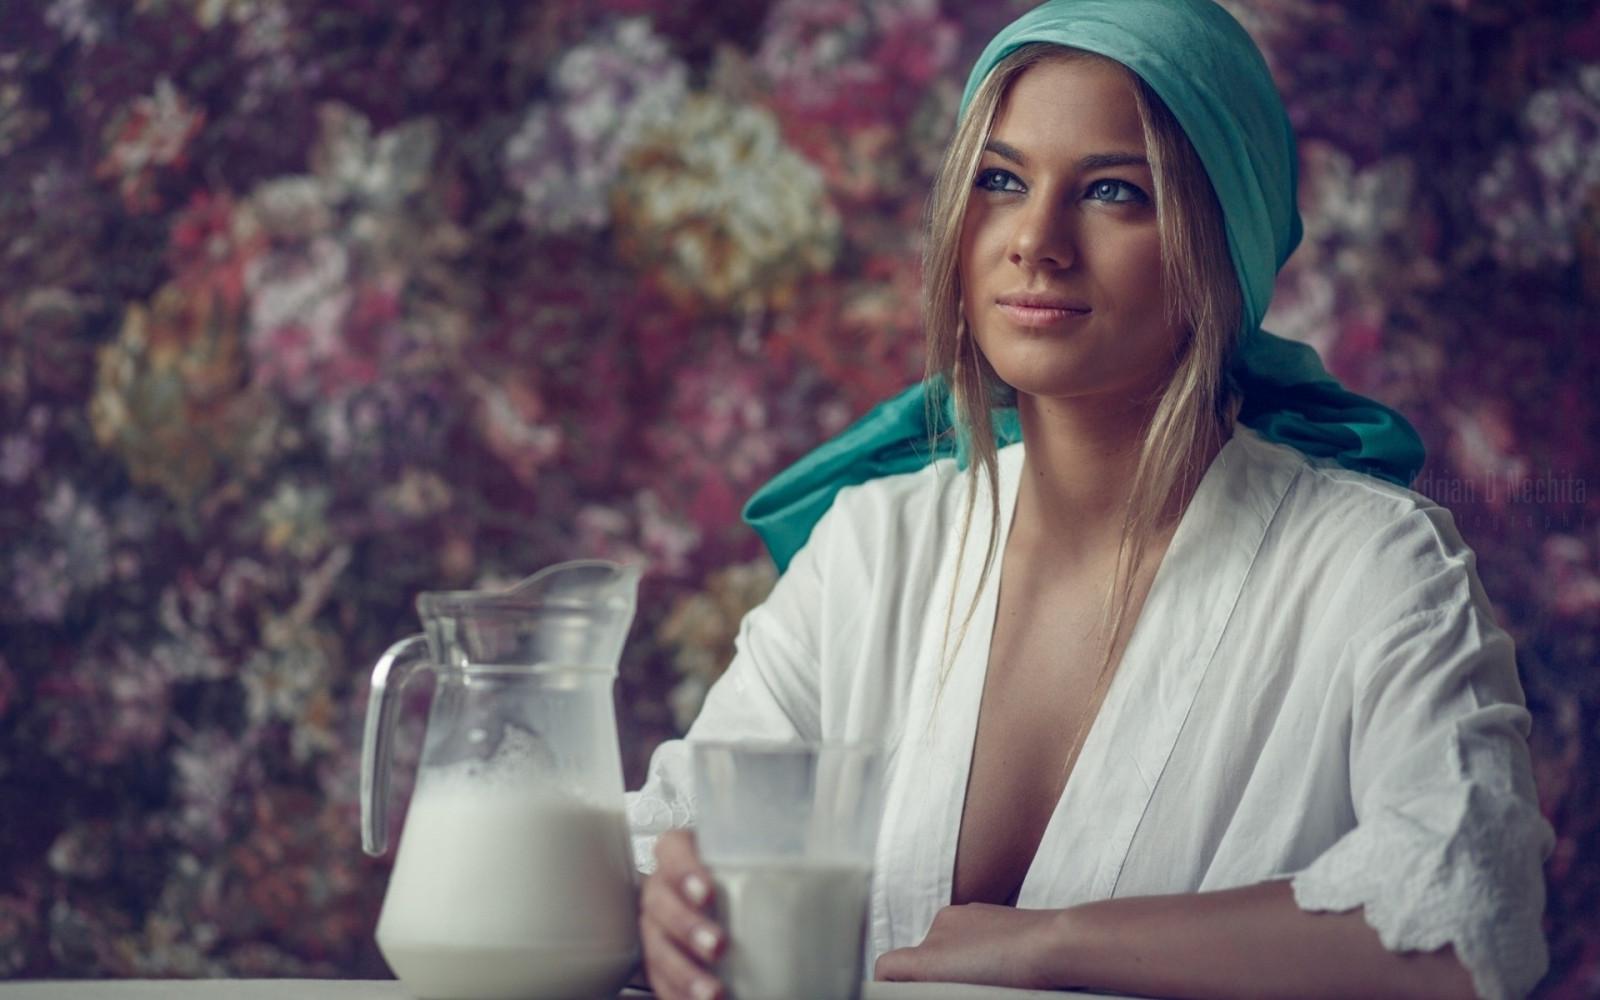 Фотоподборка русских женщин #14